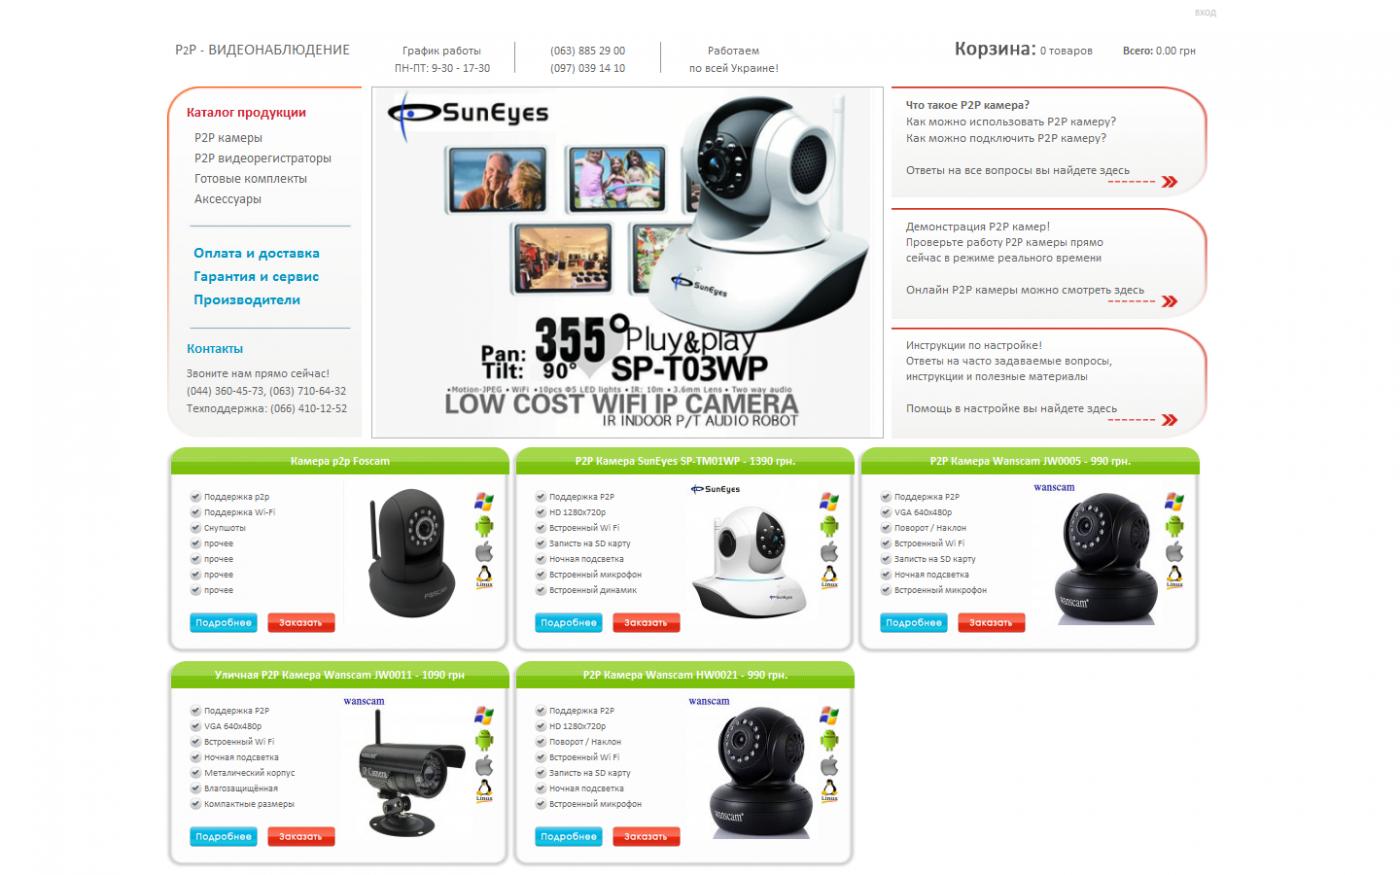 Как работает p2p видеонаблюдение, камеры, настройка, сервисы